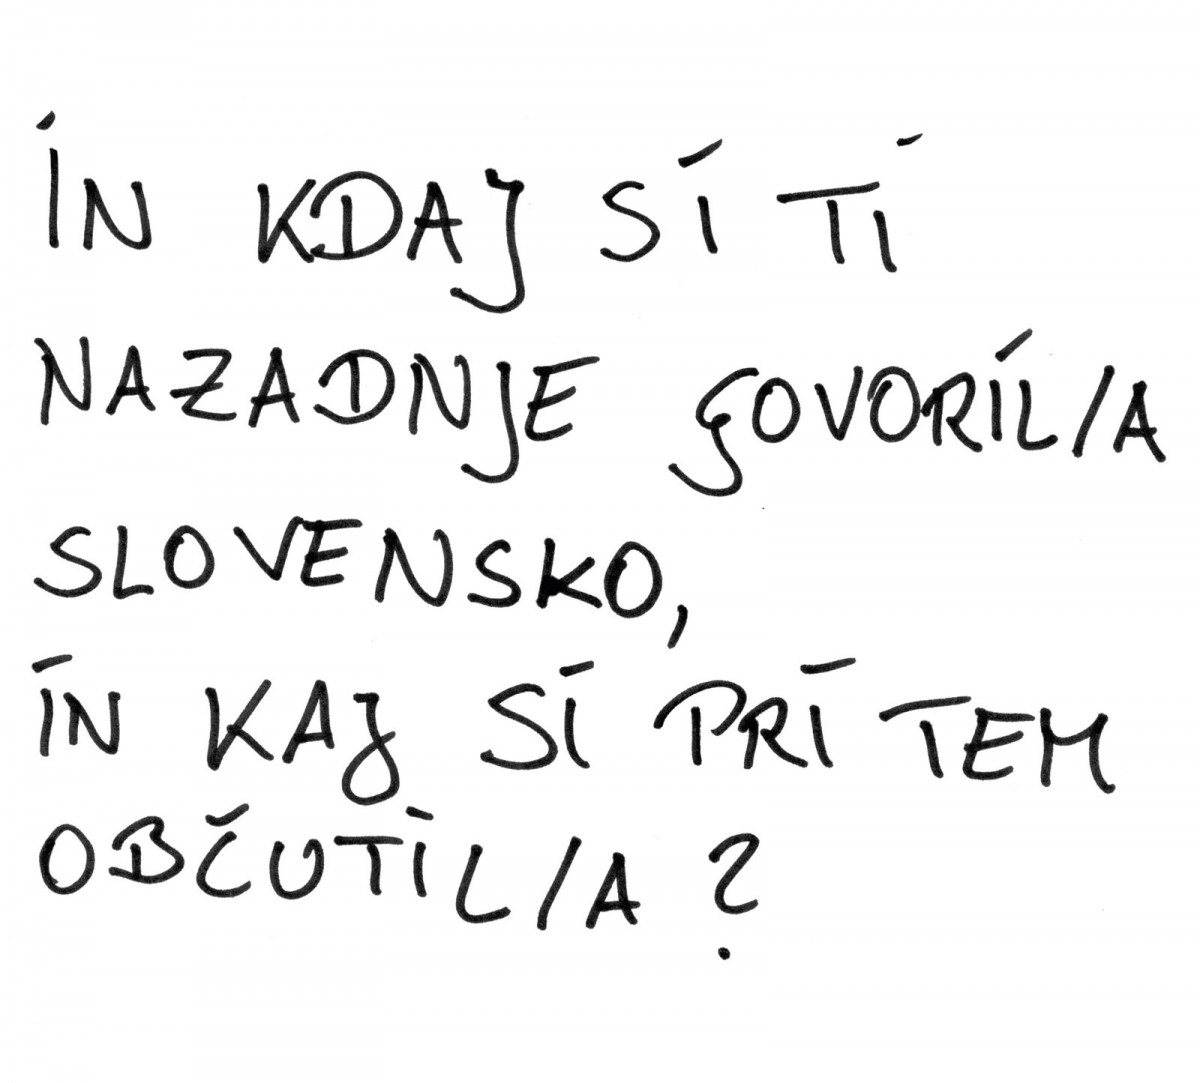 /Zitat der Person